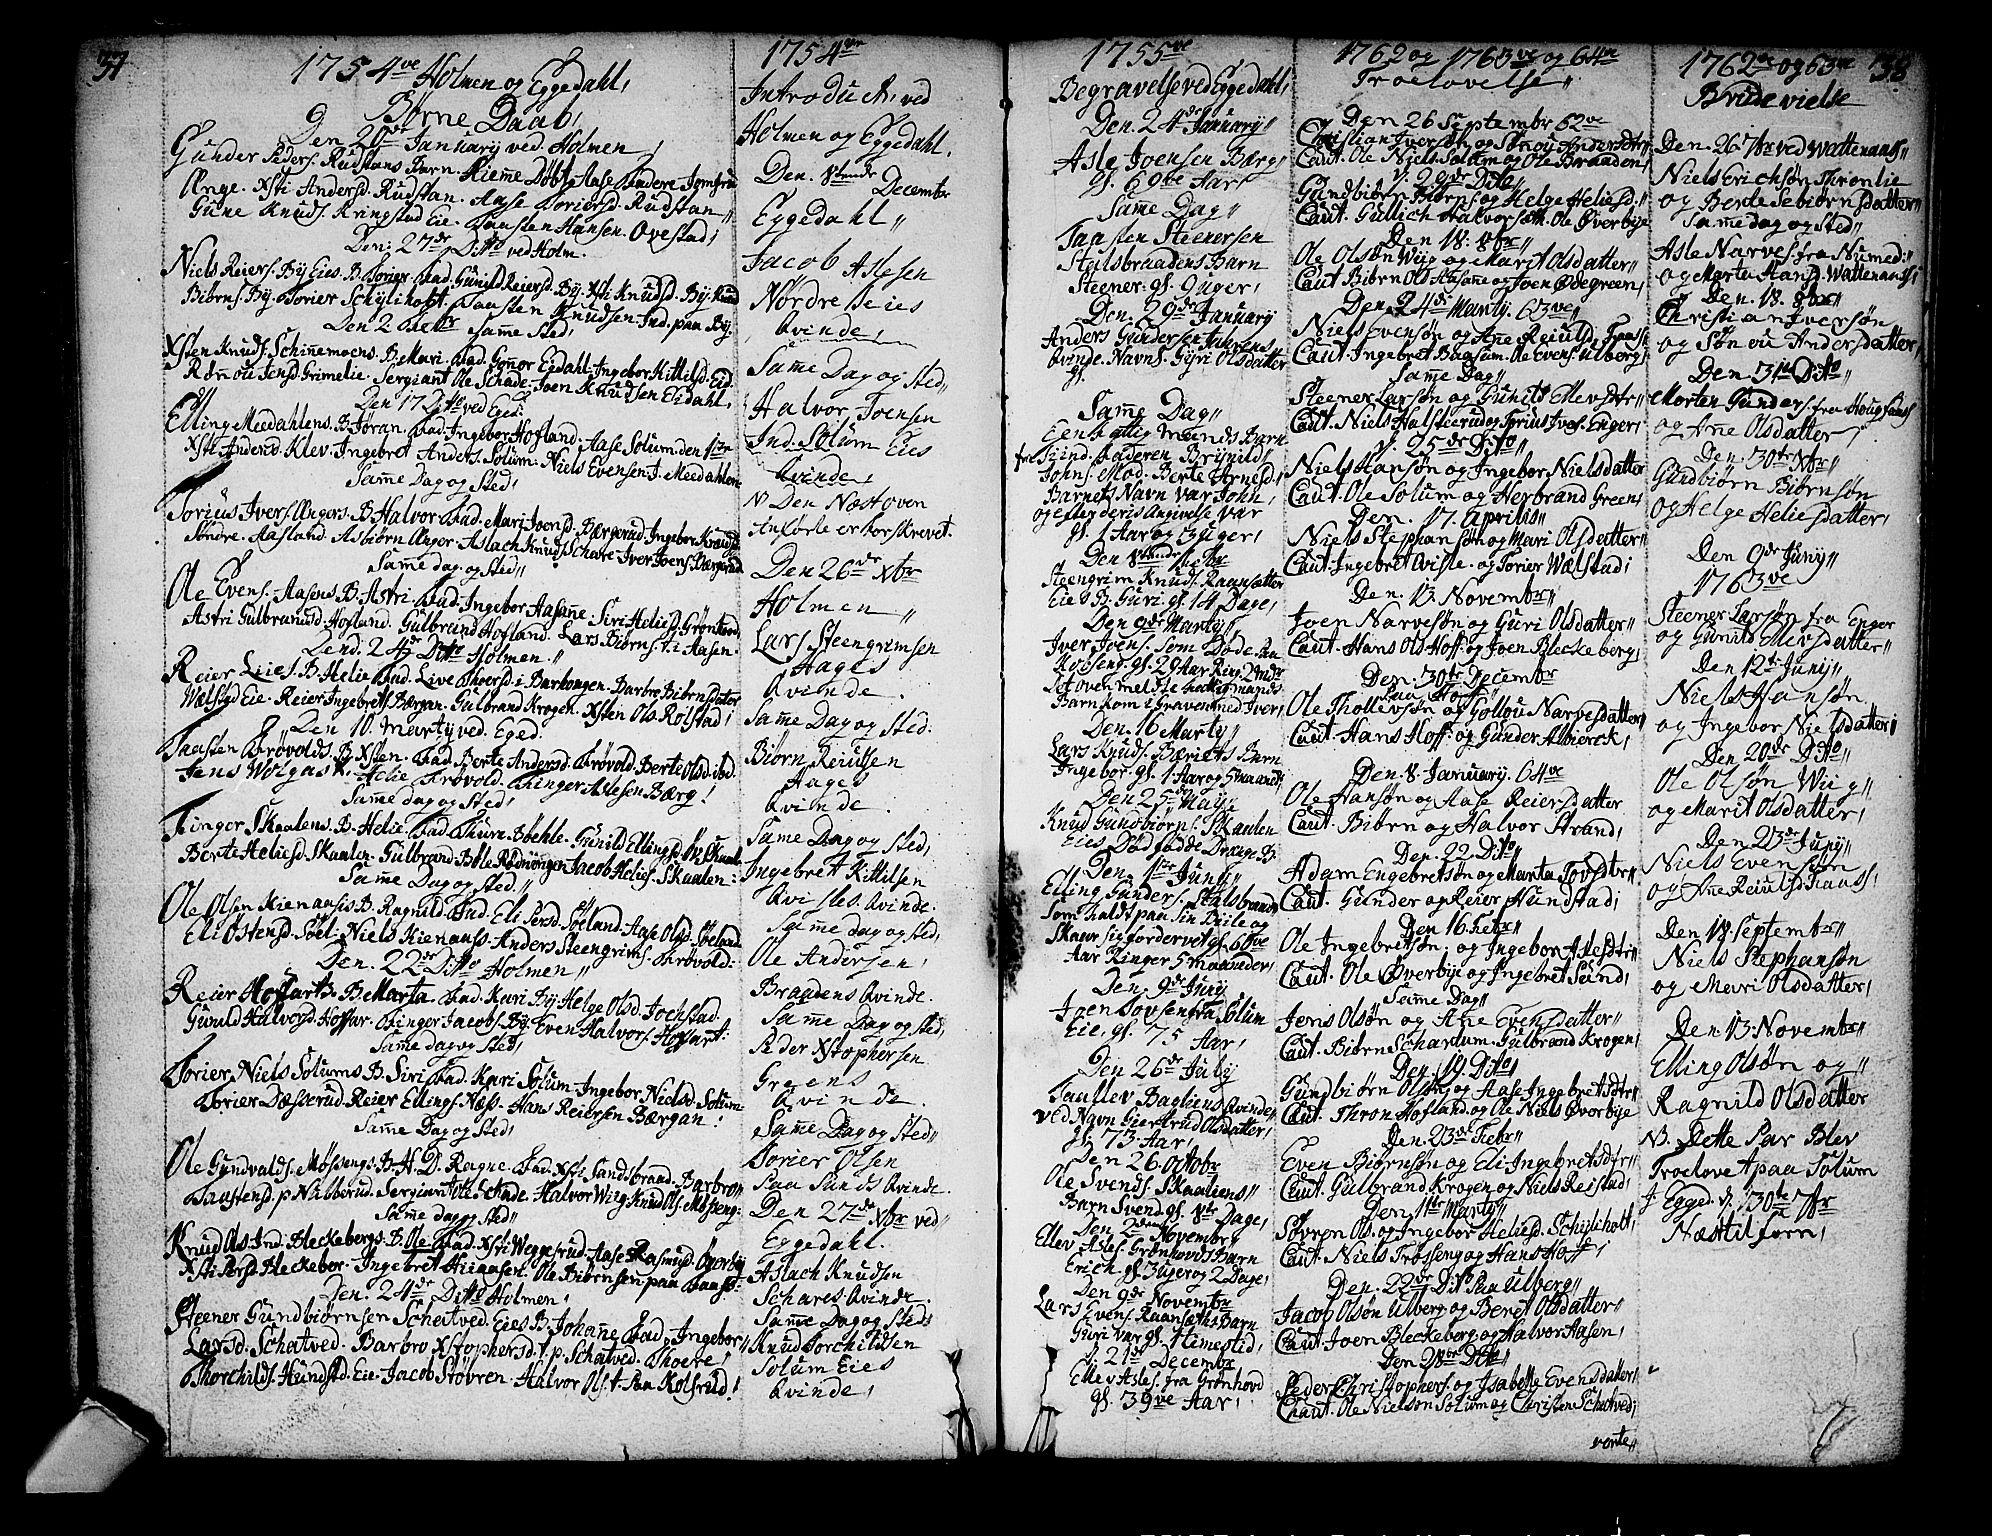 SAKO, Sigdal kirkebøker, F/Fa/L0001: Ministerialbok nr. I 1, 1722-1777, s. 37-38